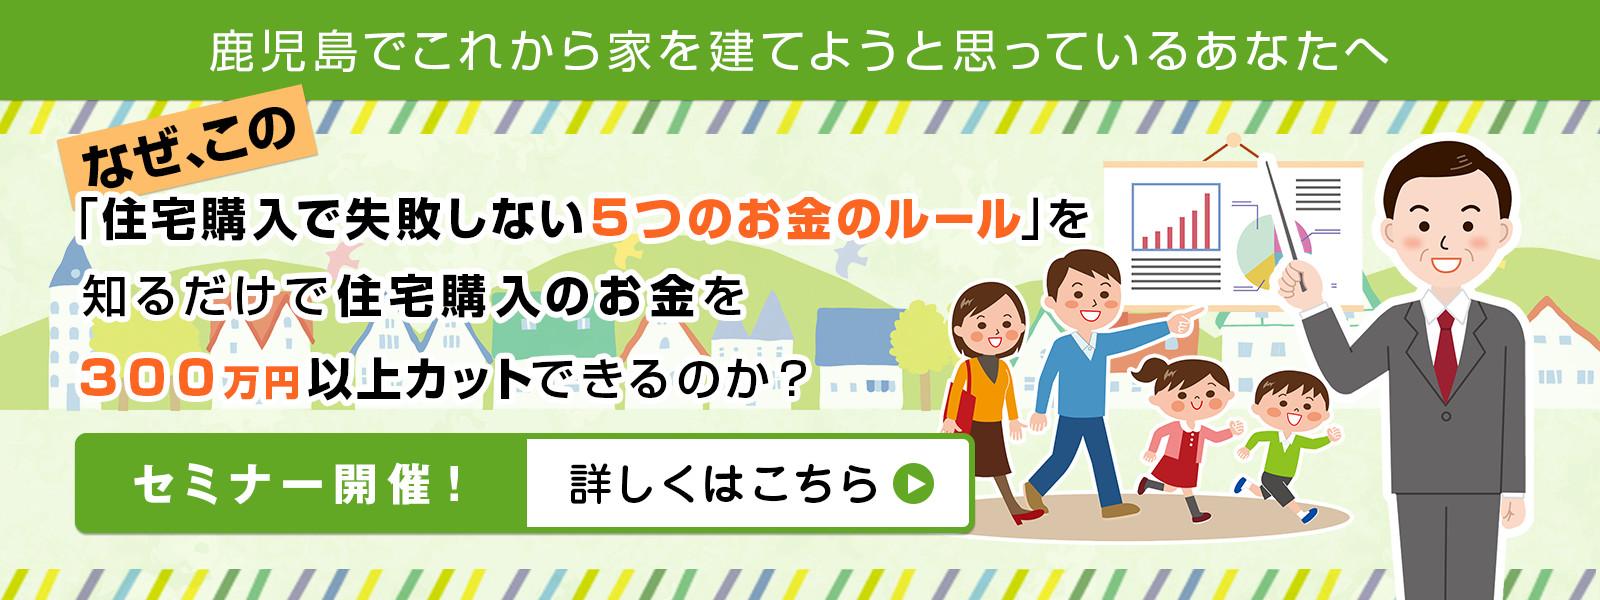 鹿児島で住宅購入のお金を300万円以上カットするためにできること